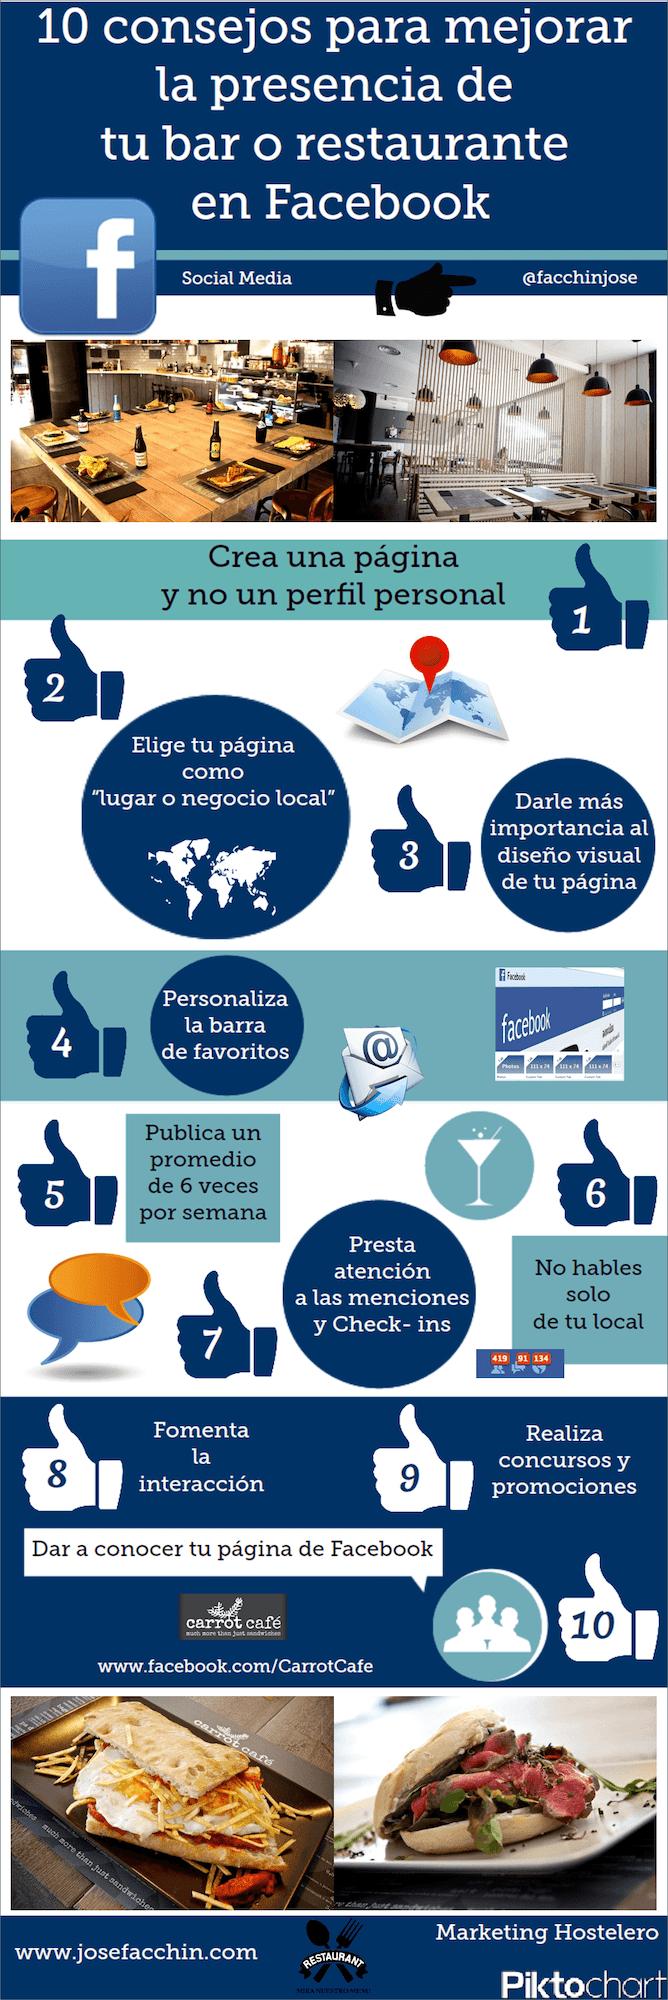 ¿Cómo mejorar la presencia de tu bar o restaurante en Facebook? #Infografía - ##infografia #Bar #Cómo #de #en #Facebook? #la #mejorar #o #presencia #restaurante #tu